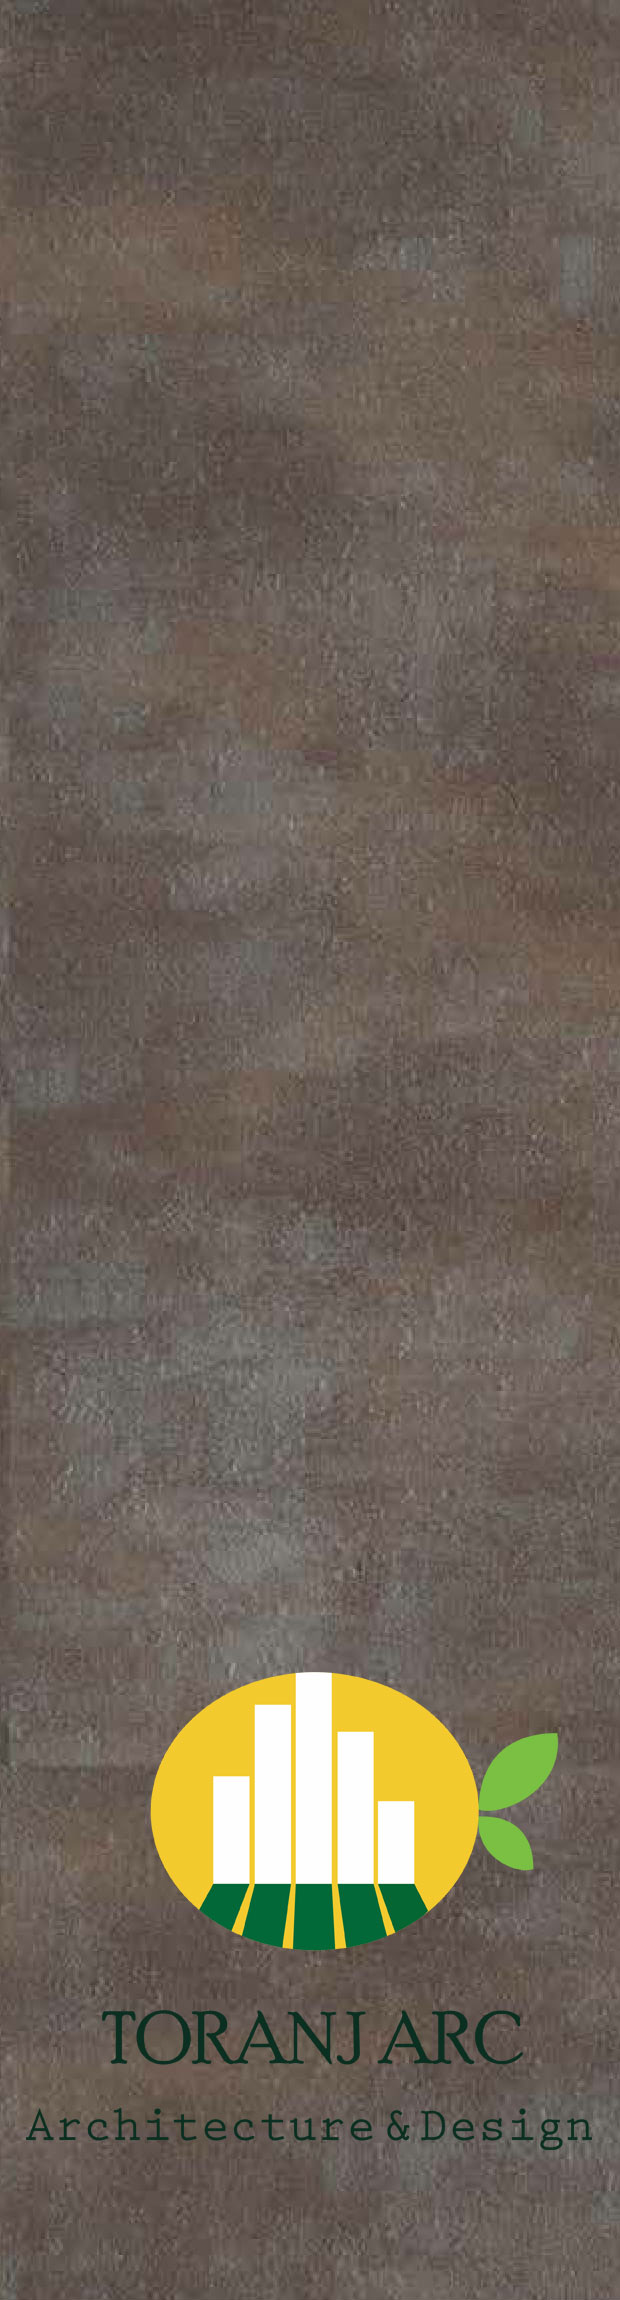 adofloor 1 8 کف پوش pvc